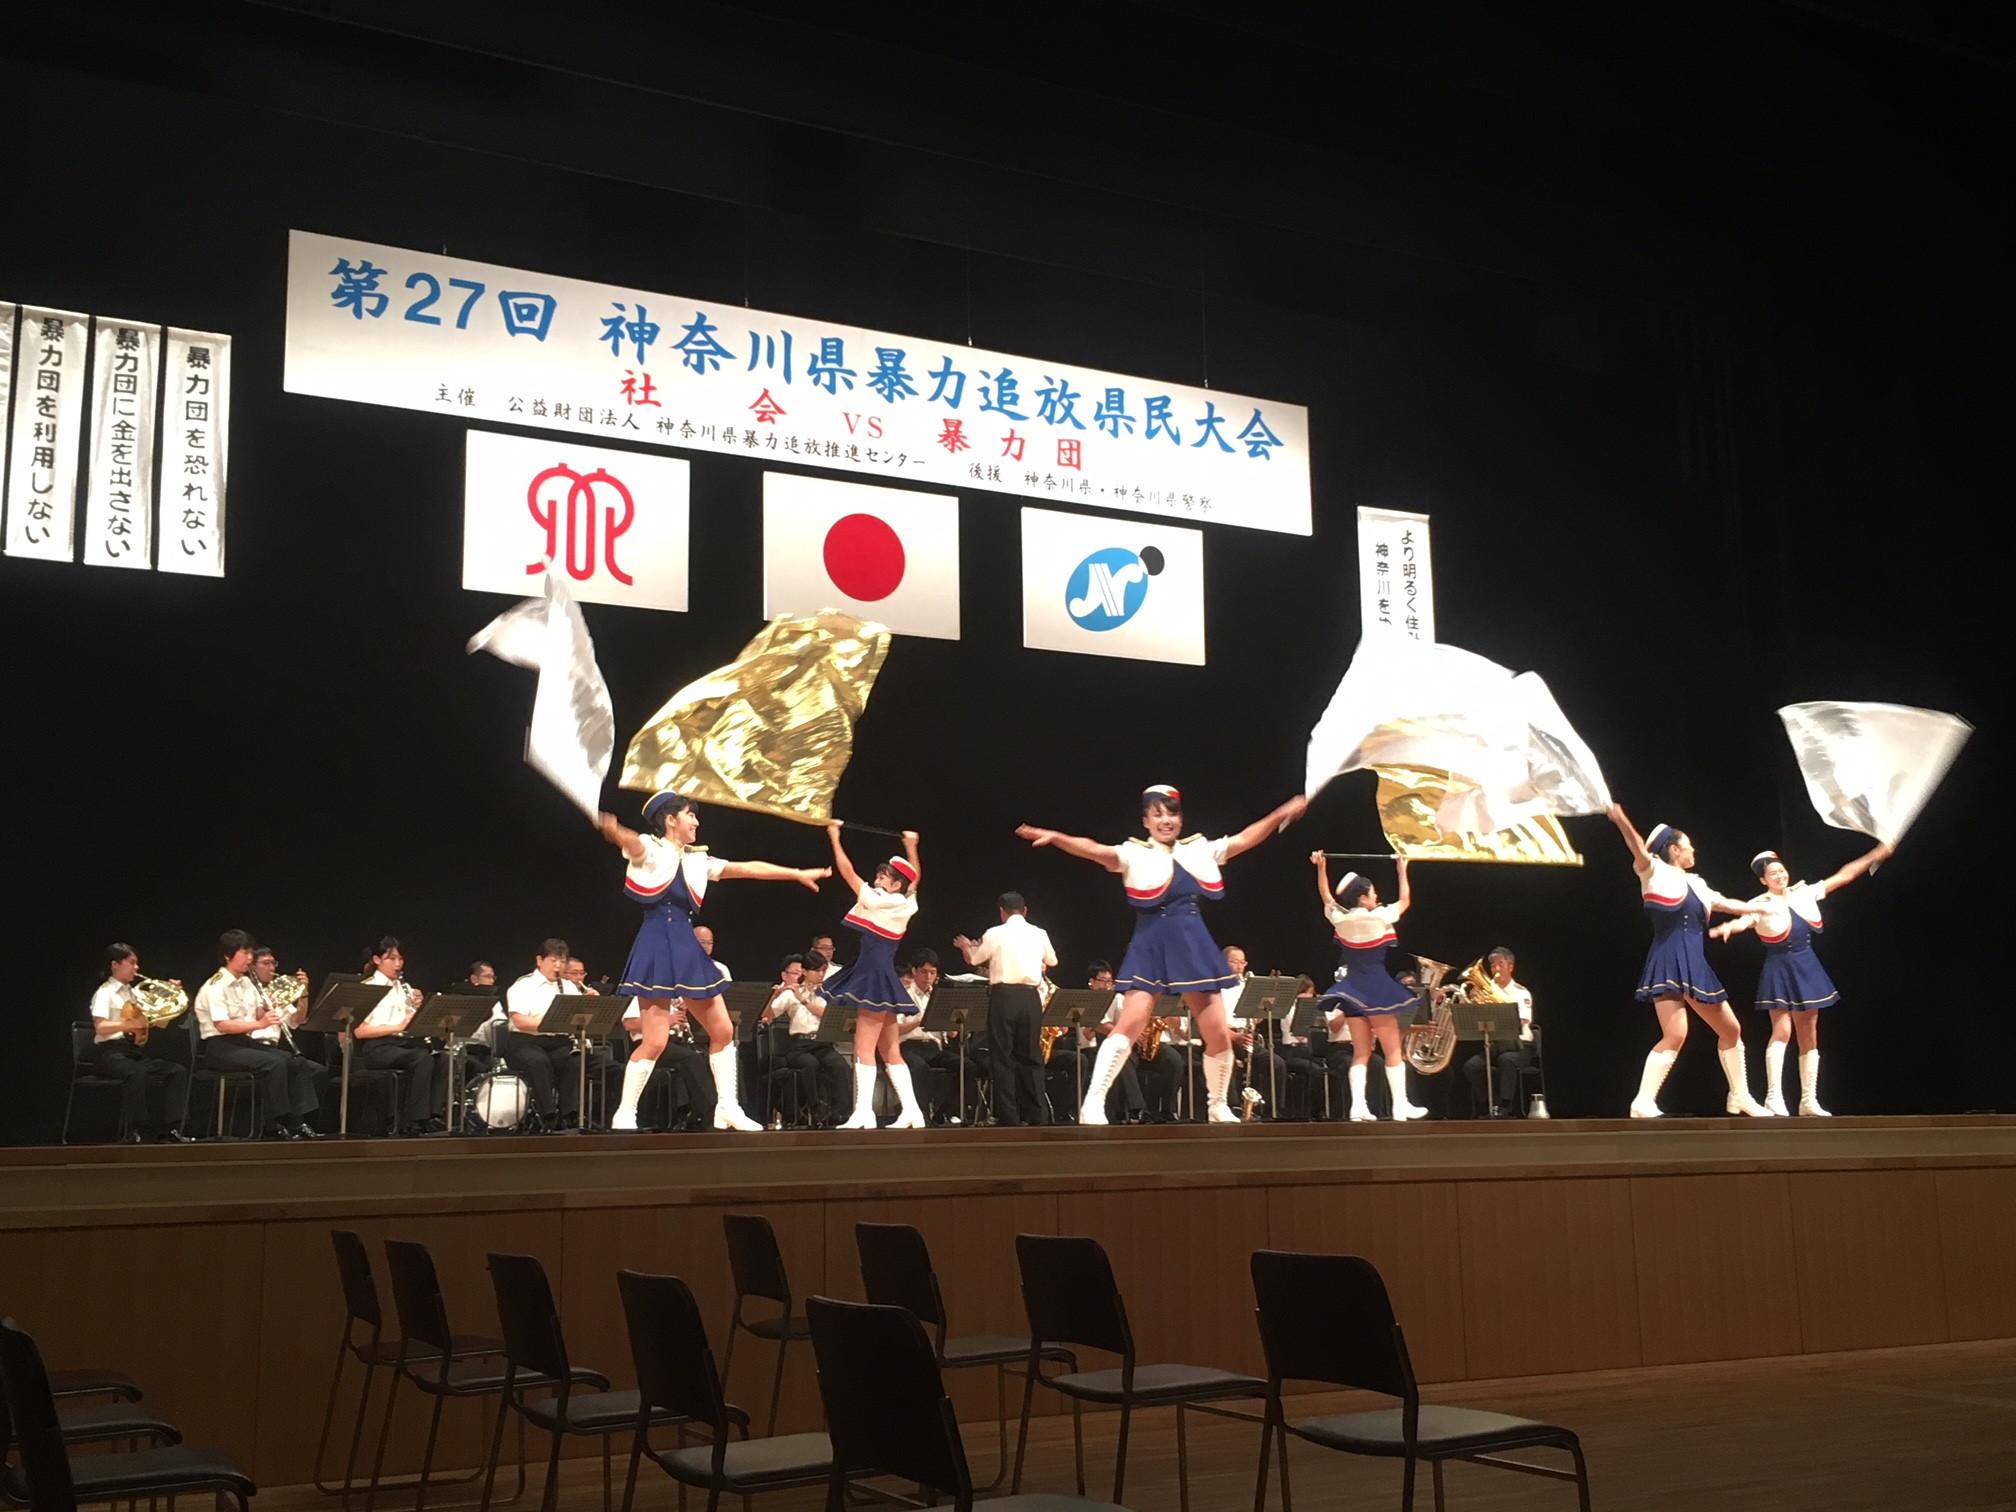 第27回 神奈川県暴力追放県民大会アイキャッチ画像